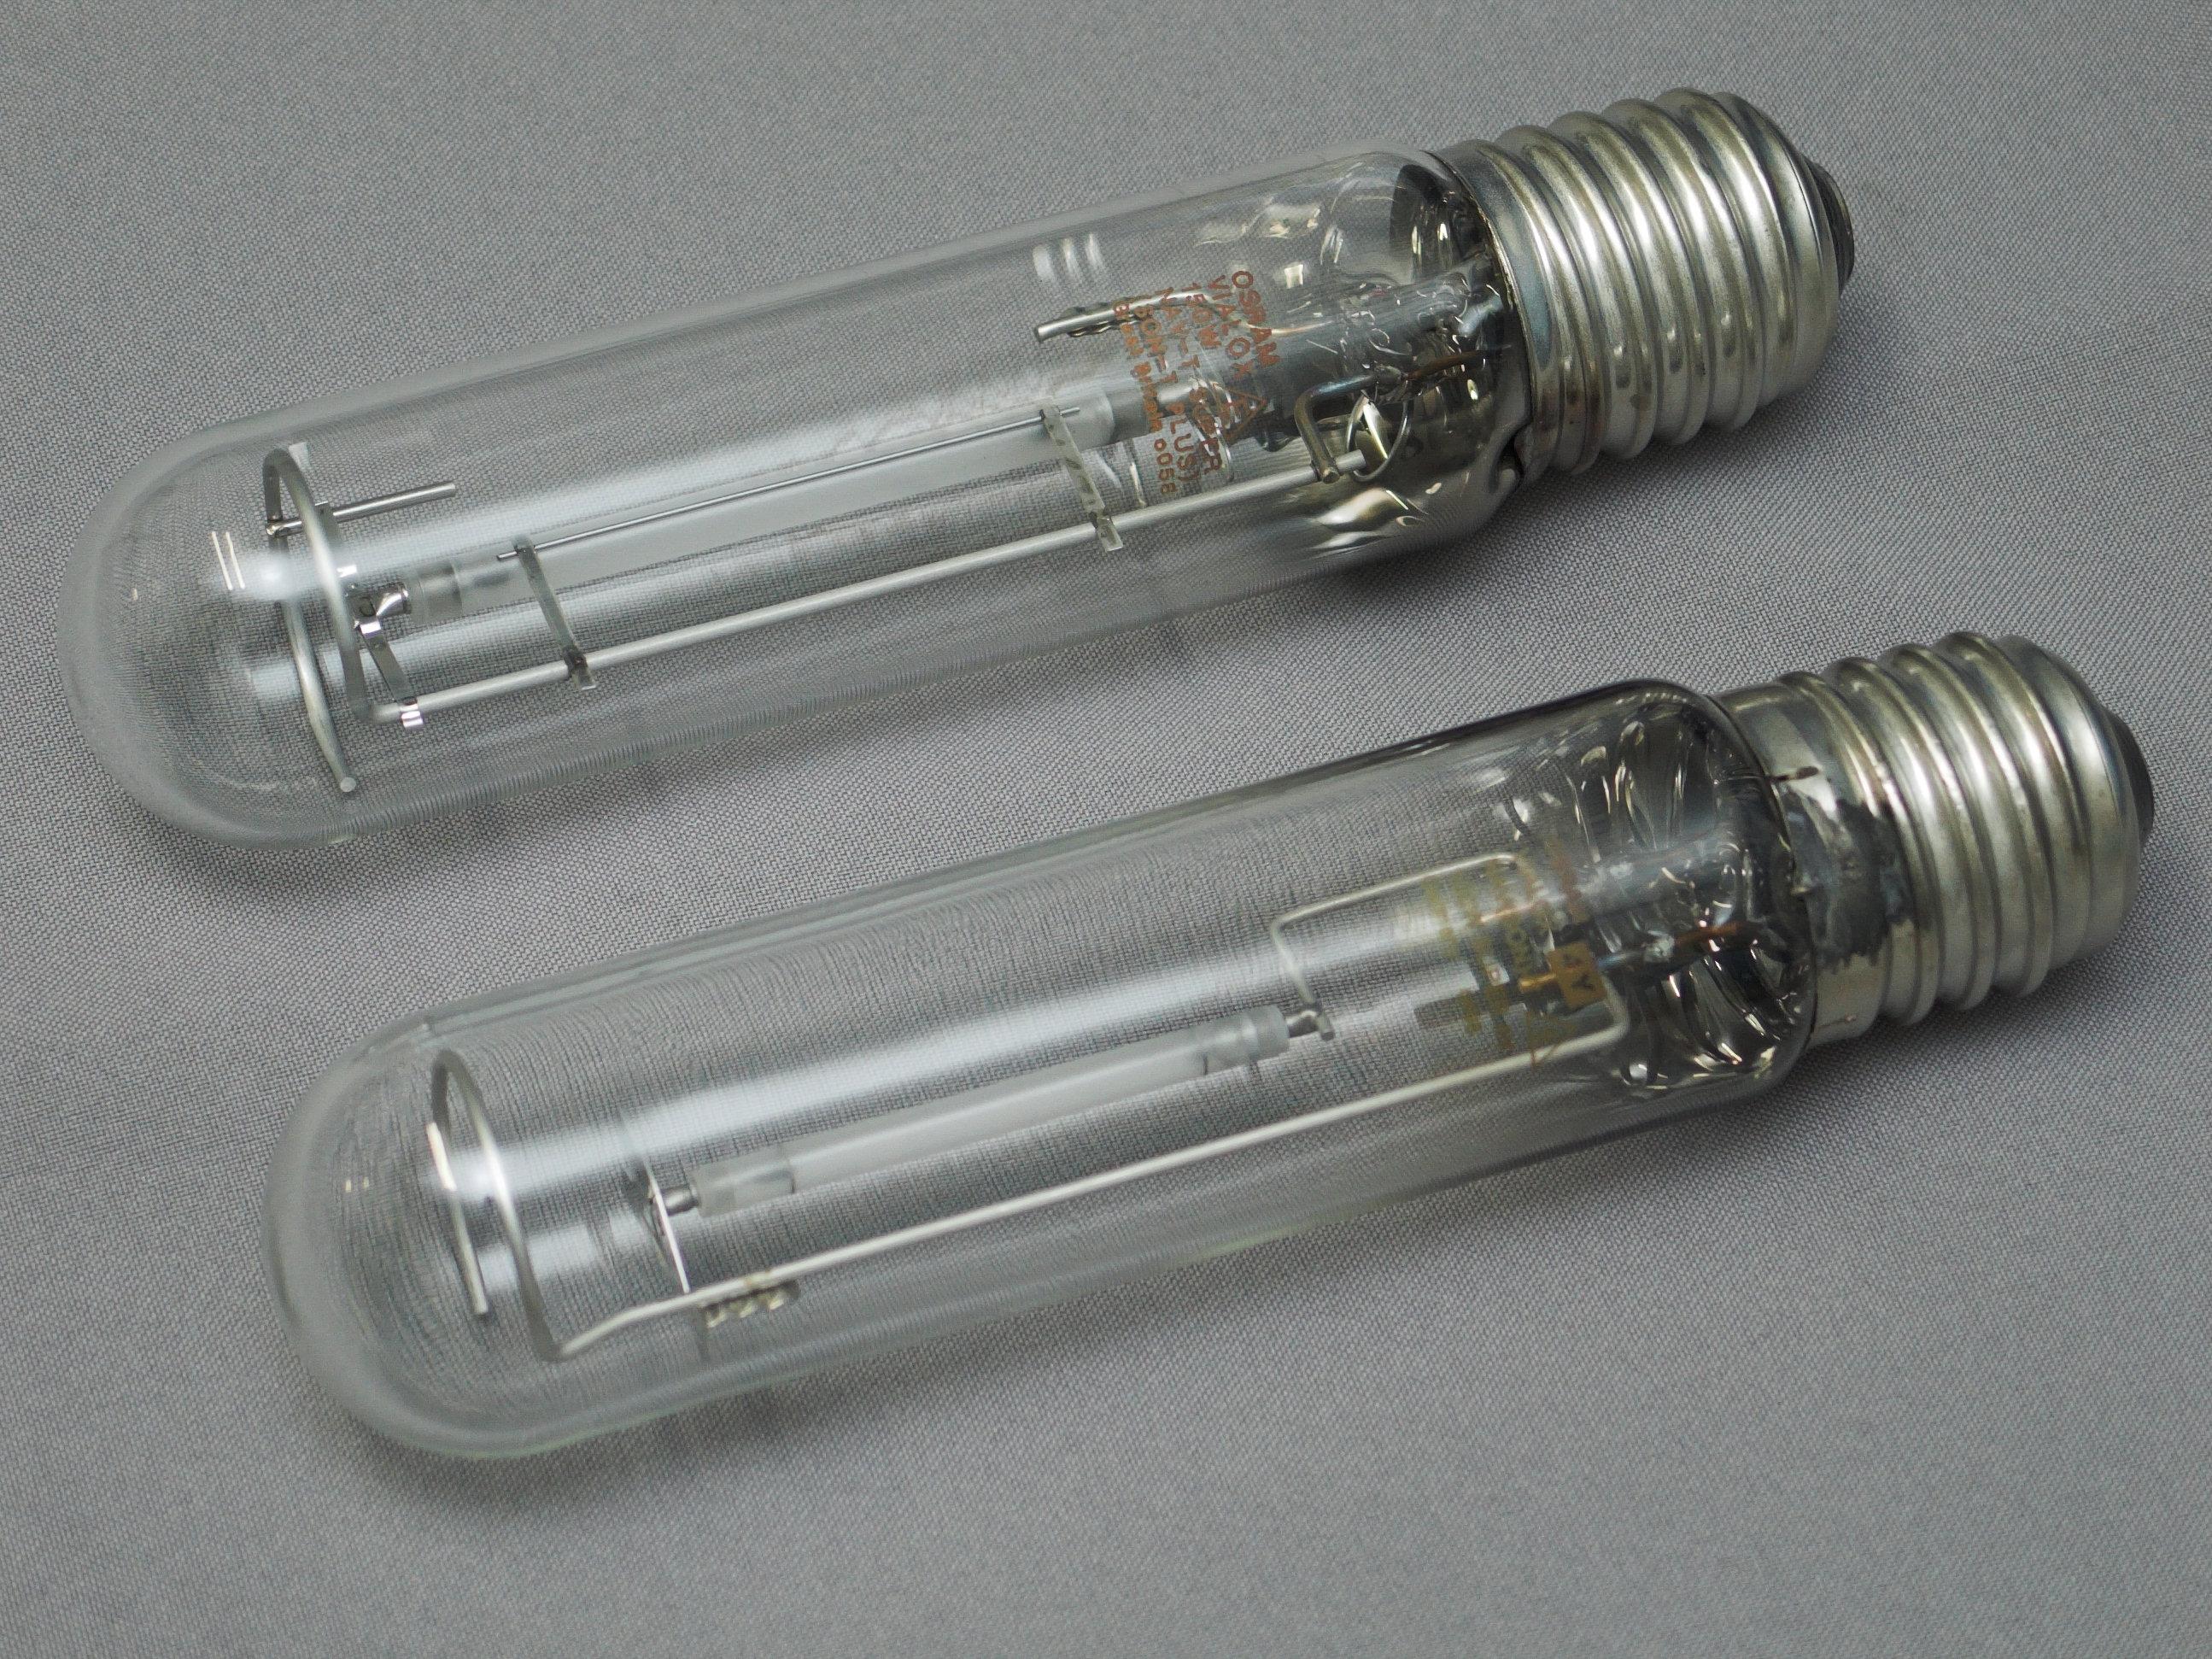 эл схема настольной лампы на основе лампы кл 9 тбц